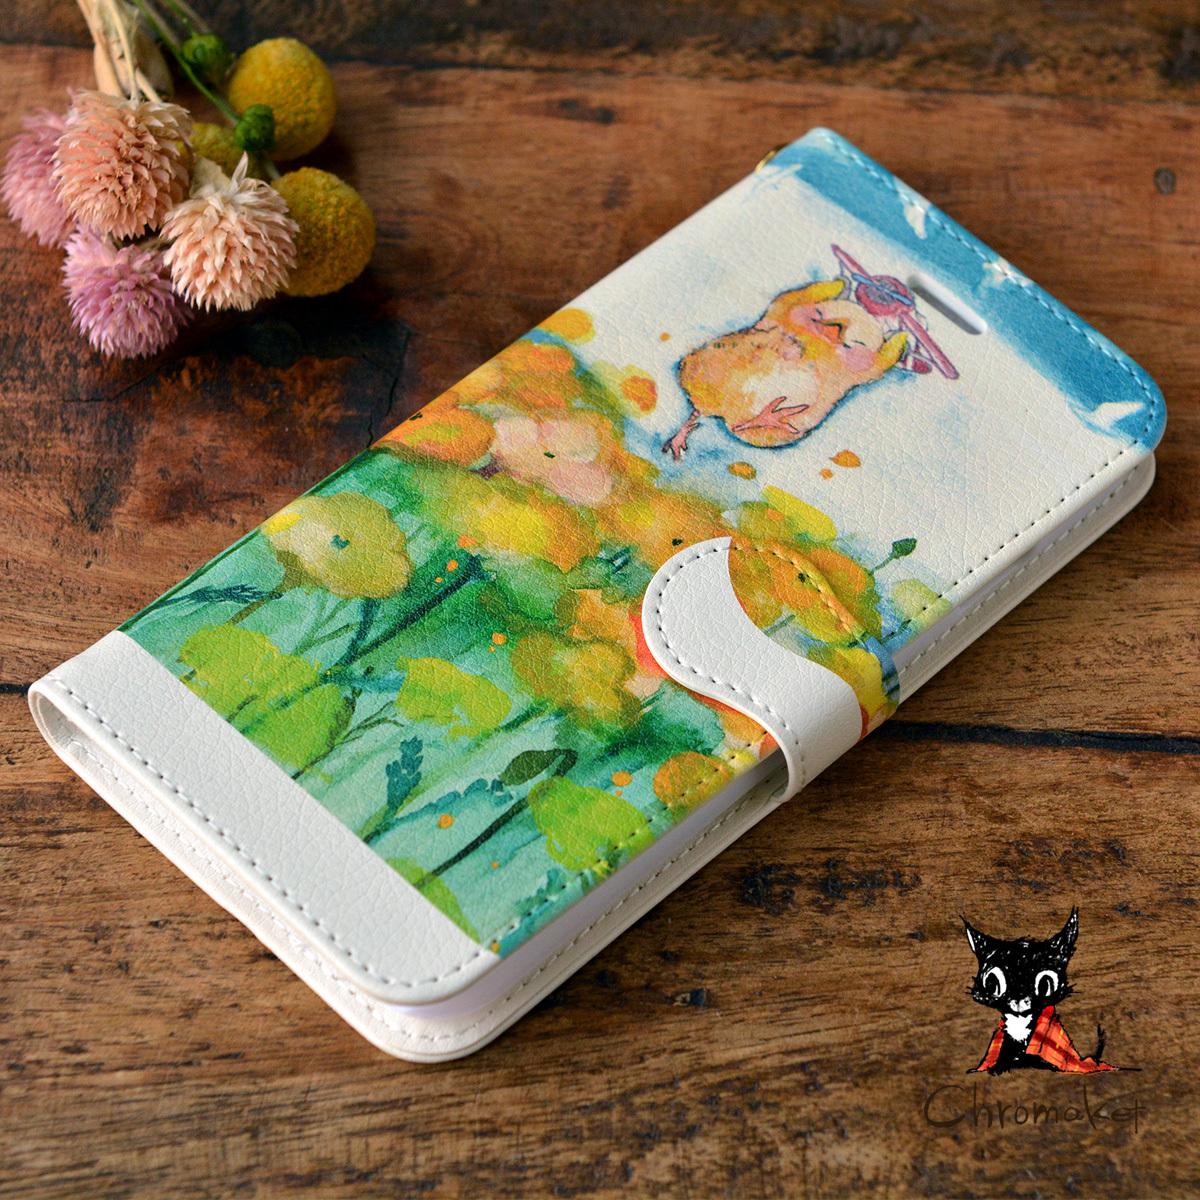 【訳あり】iphone8 ケース かわいい 手帳 アイフォン8 ケース 手帳型 かわいい アイフォン7 ケース 手帳 かわいい ヒヨコ/Chromaket【jk-iph8t-09003-B2】